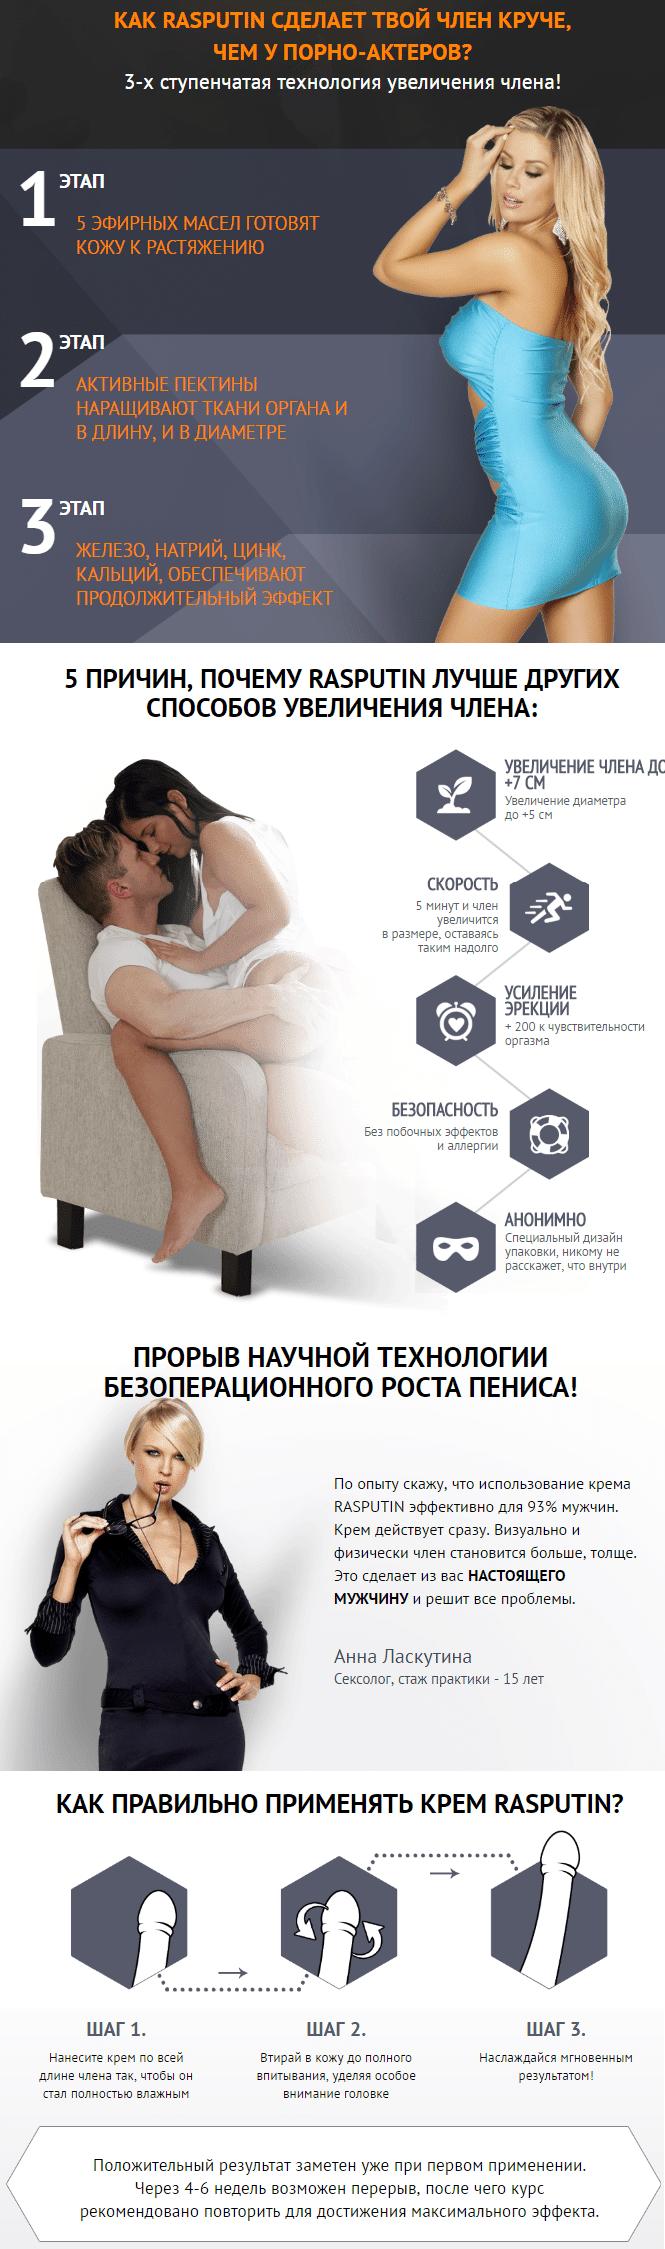 Есть метод увеличить членство в домашних условиях